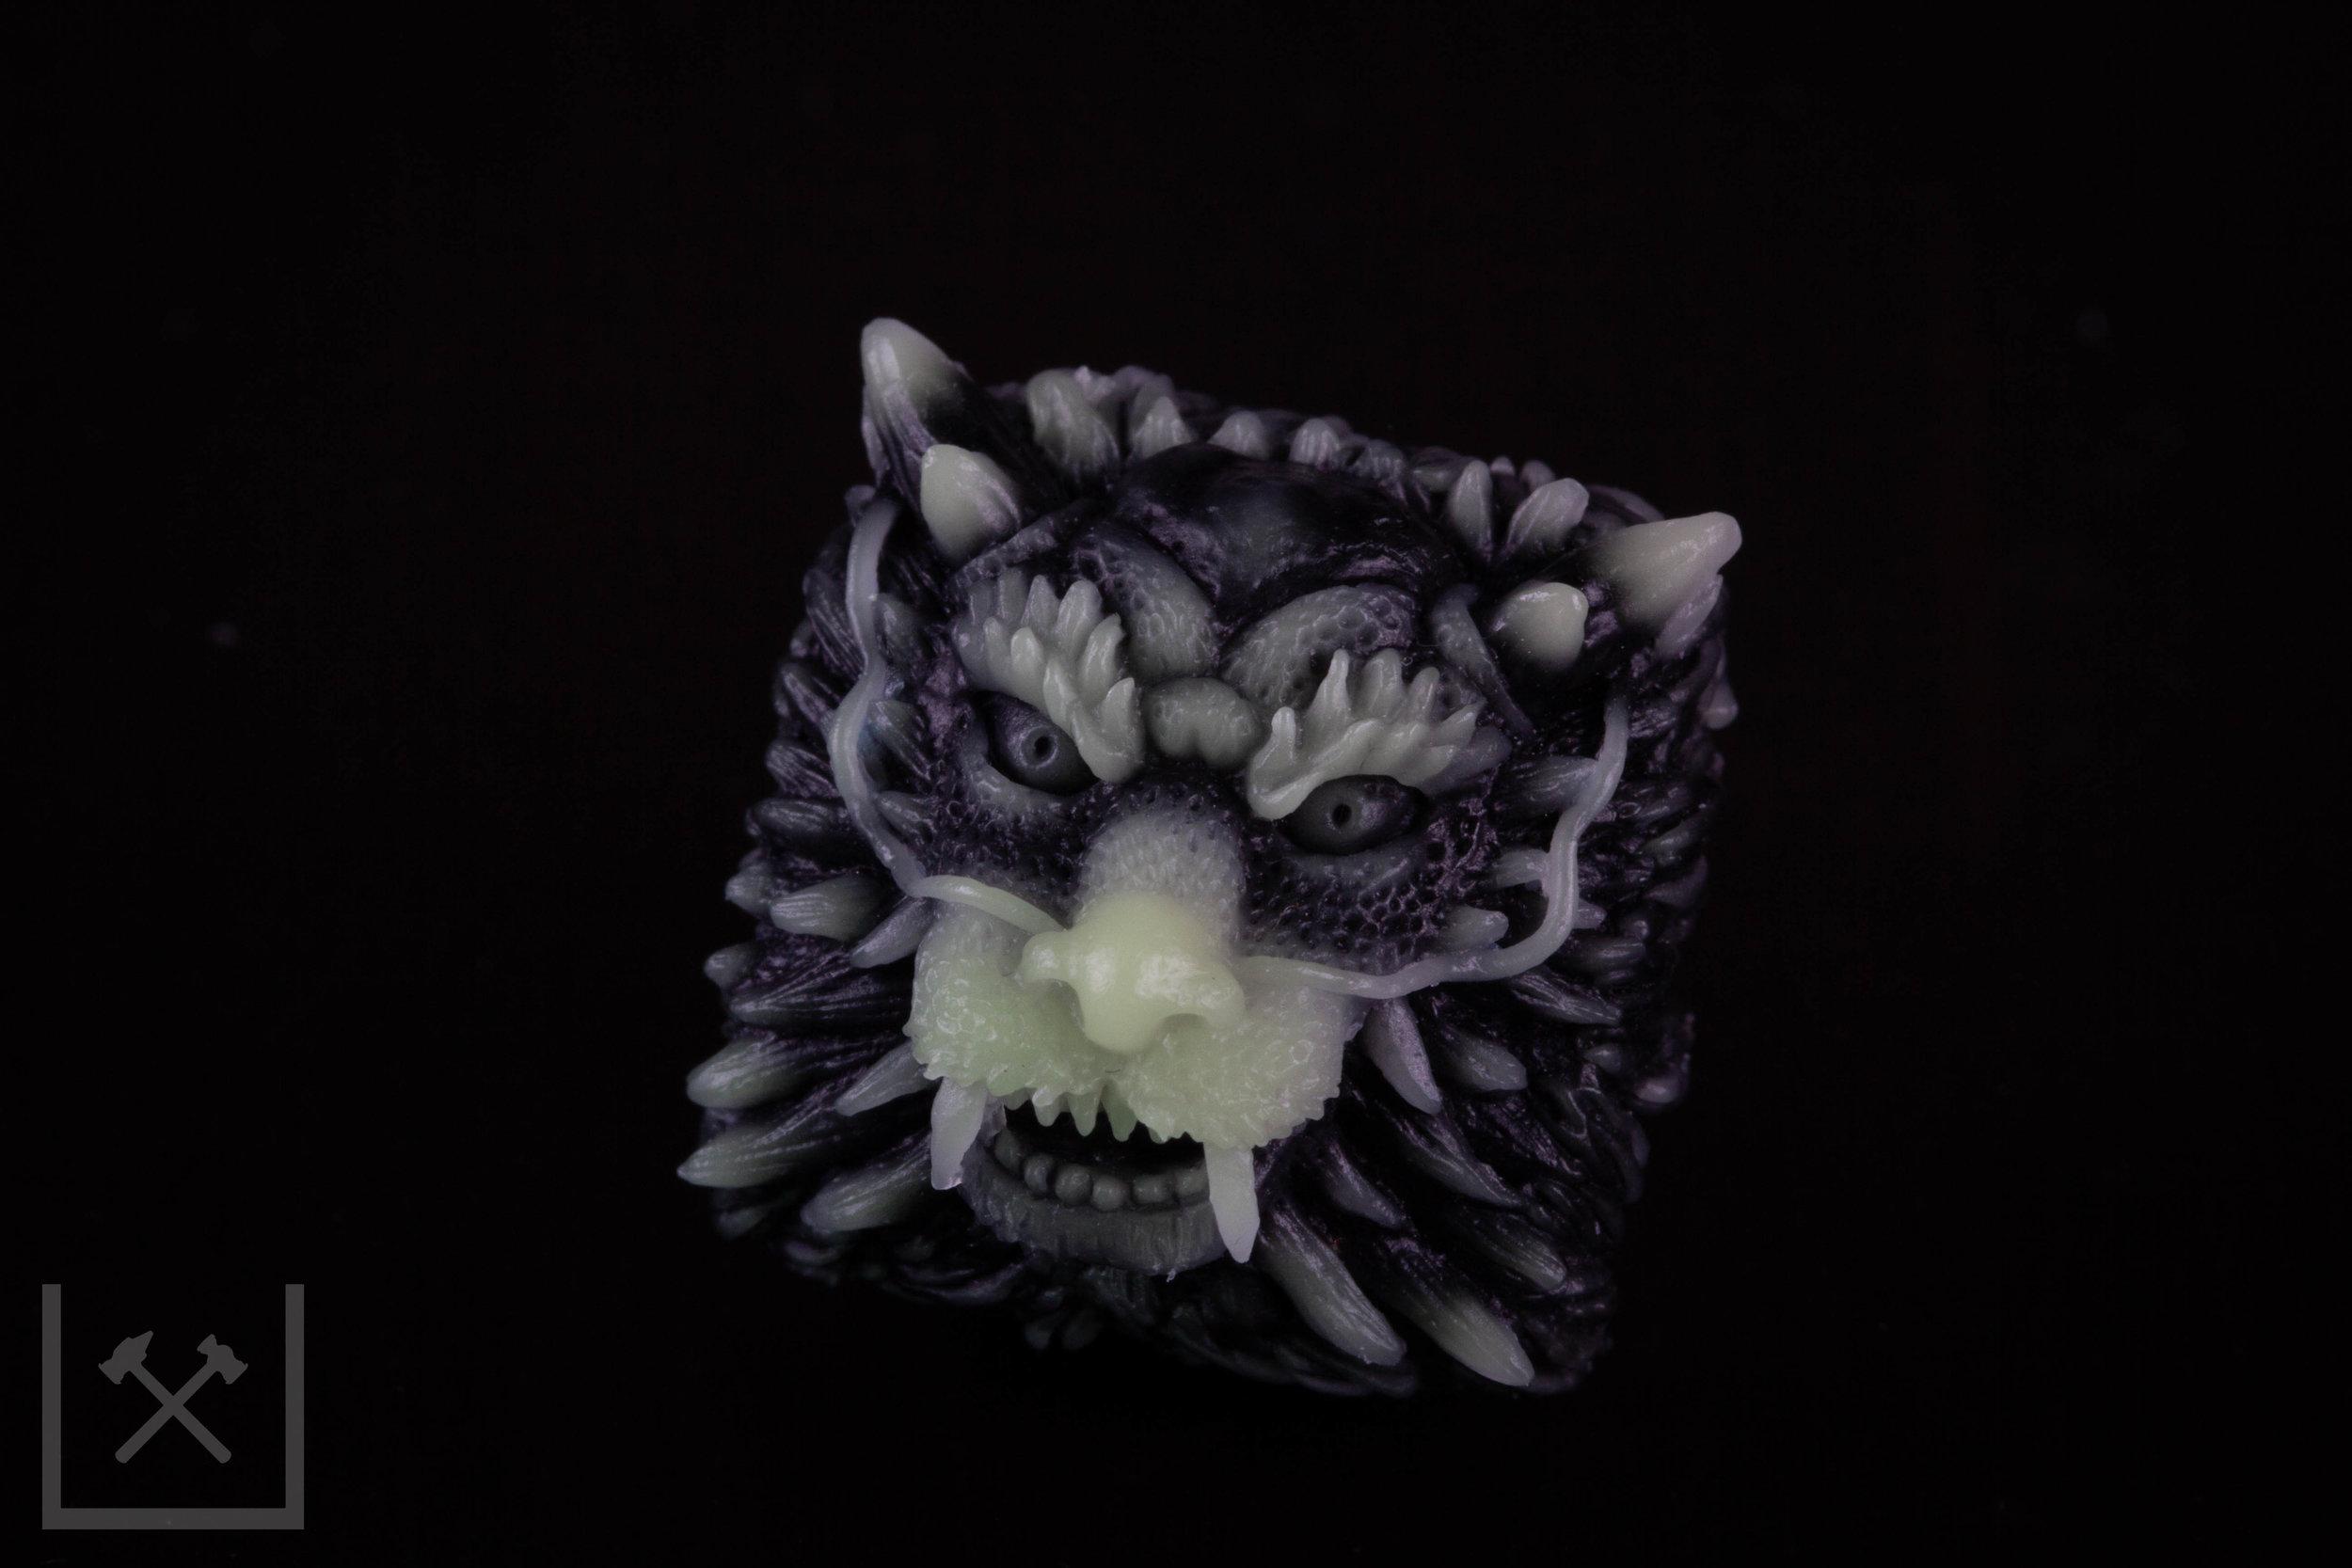 Orochi - Spookyboi